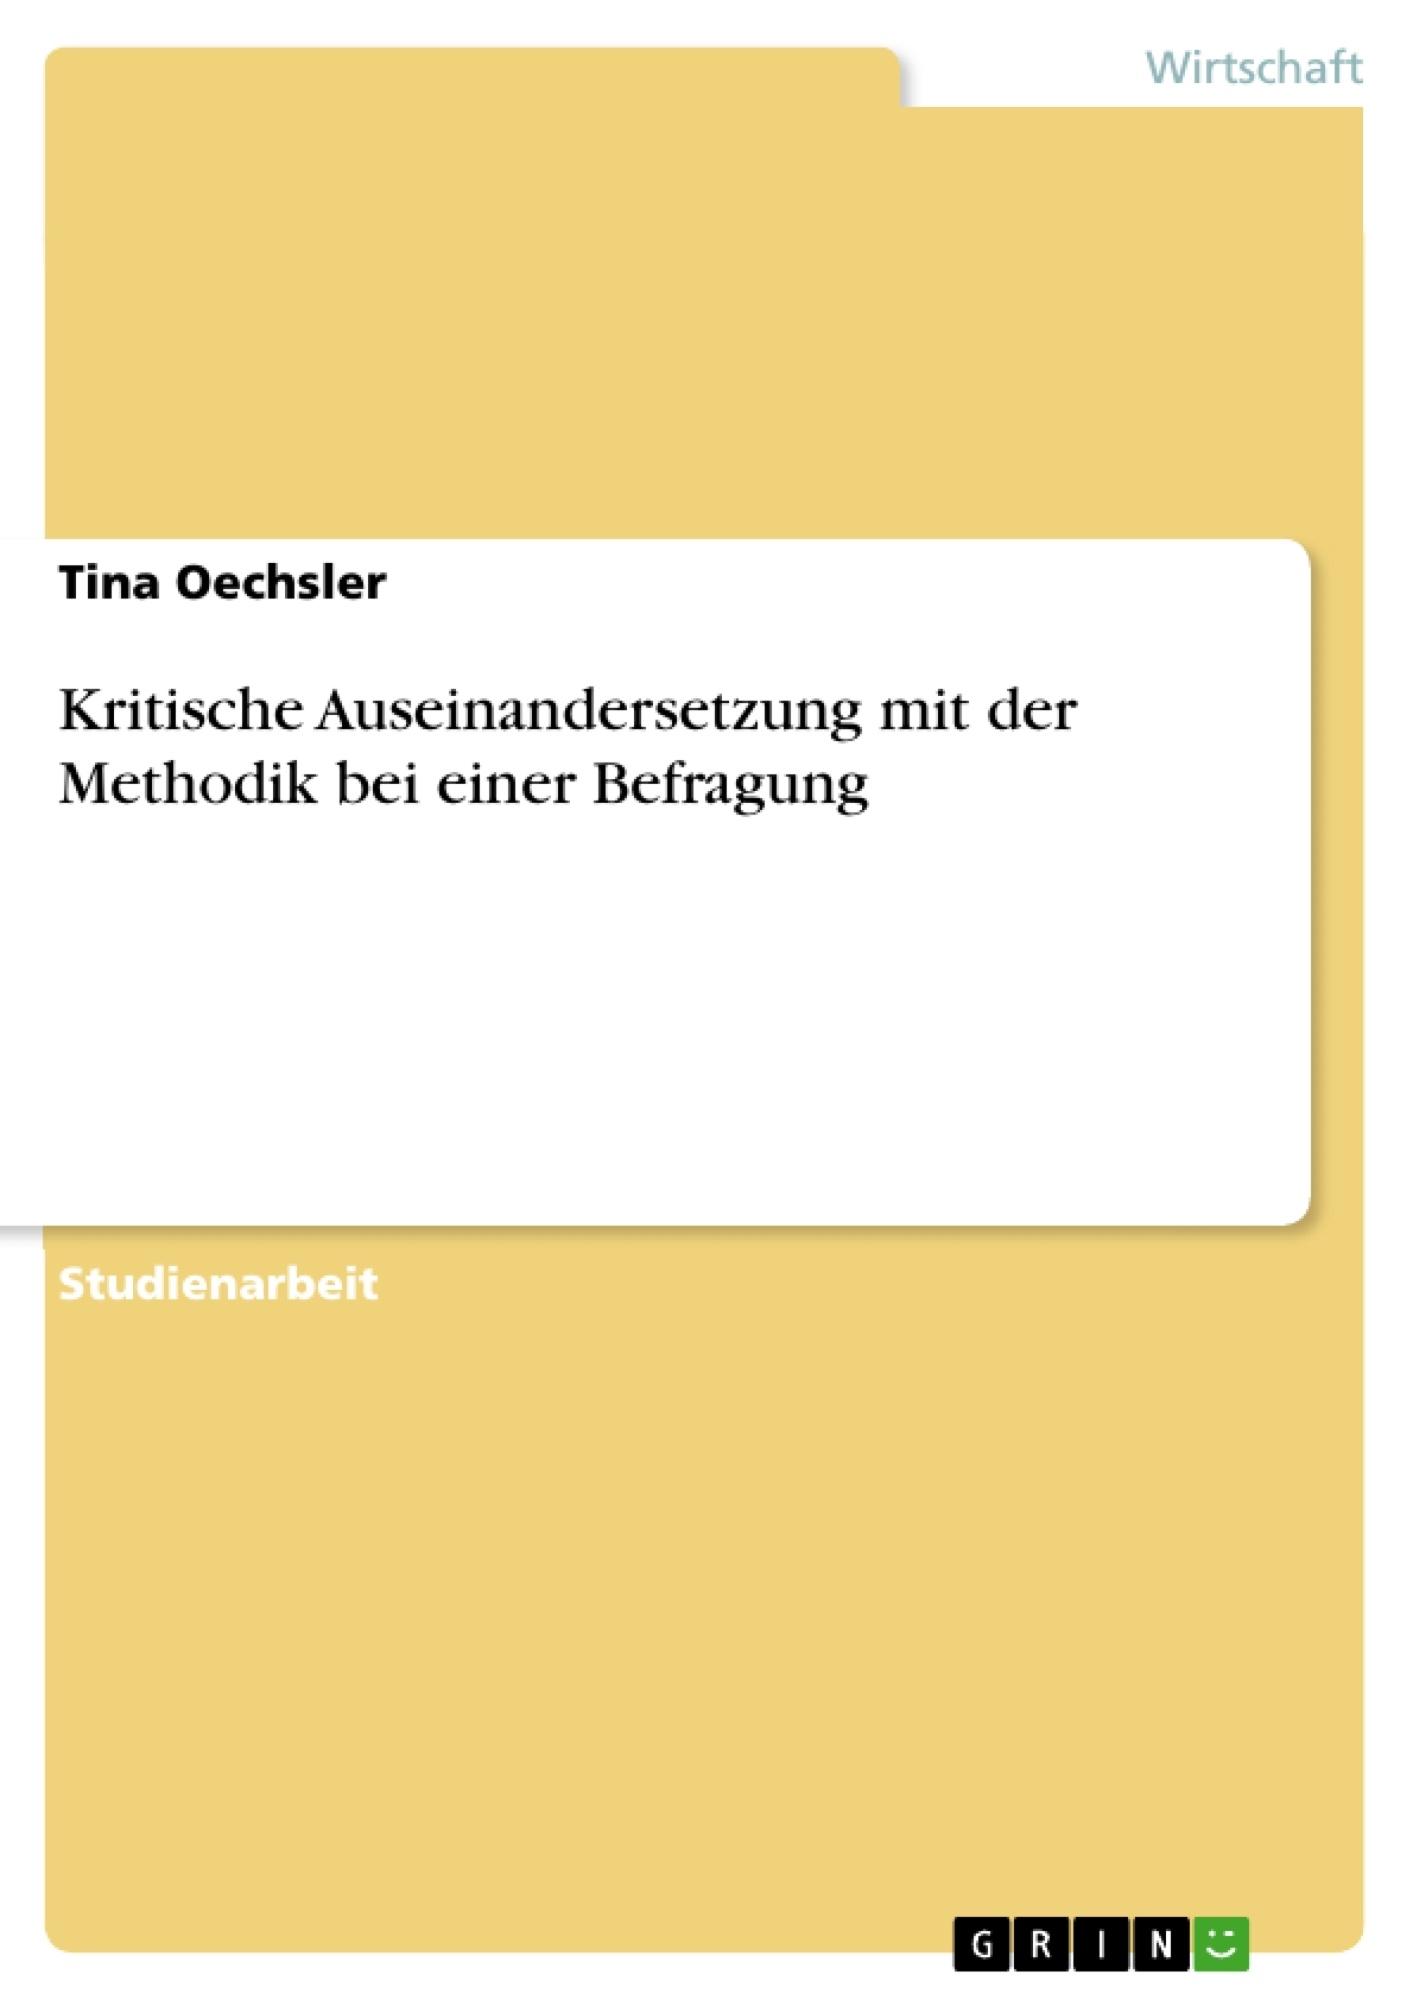 Titel: Kritische Auseinandersetzung mit der Methodik bei einer Befragung